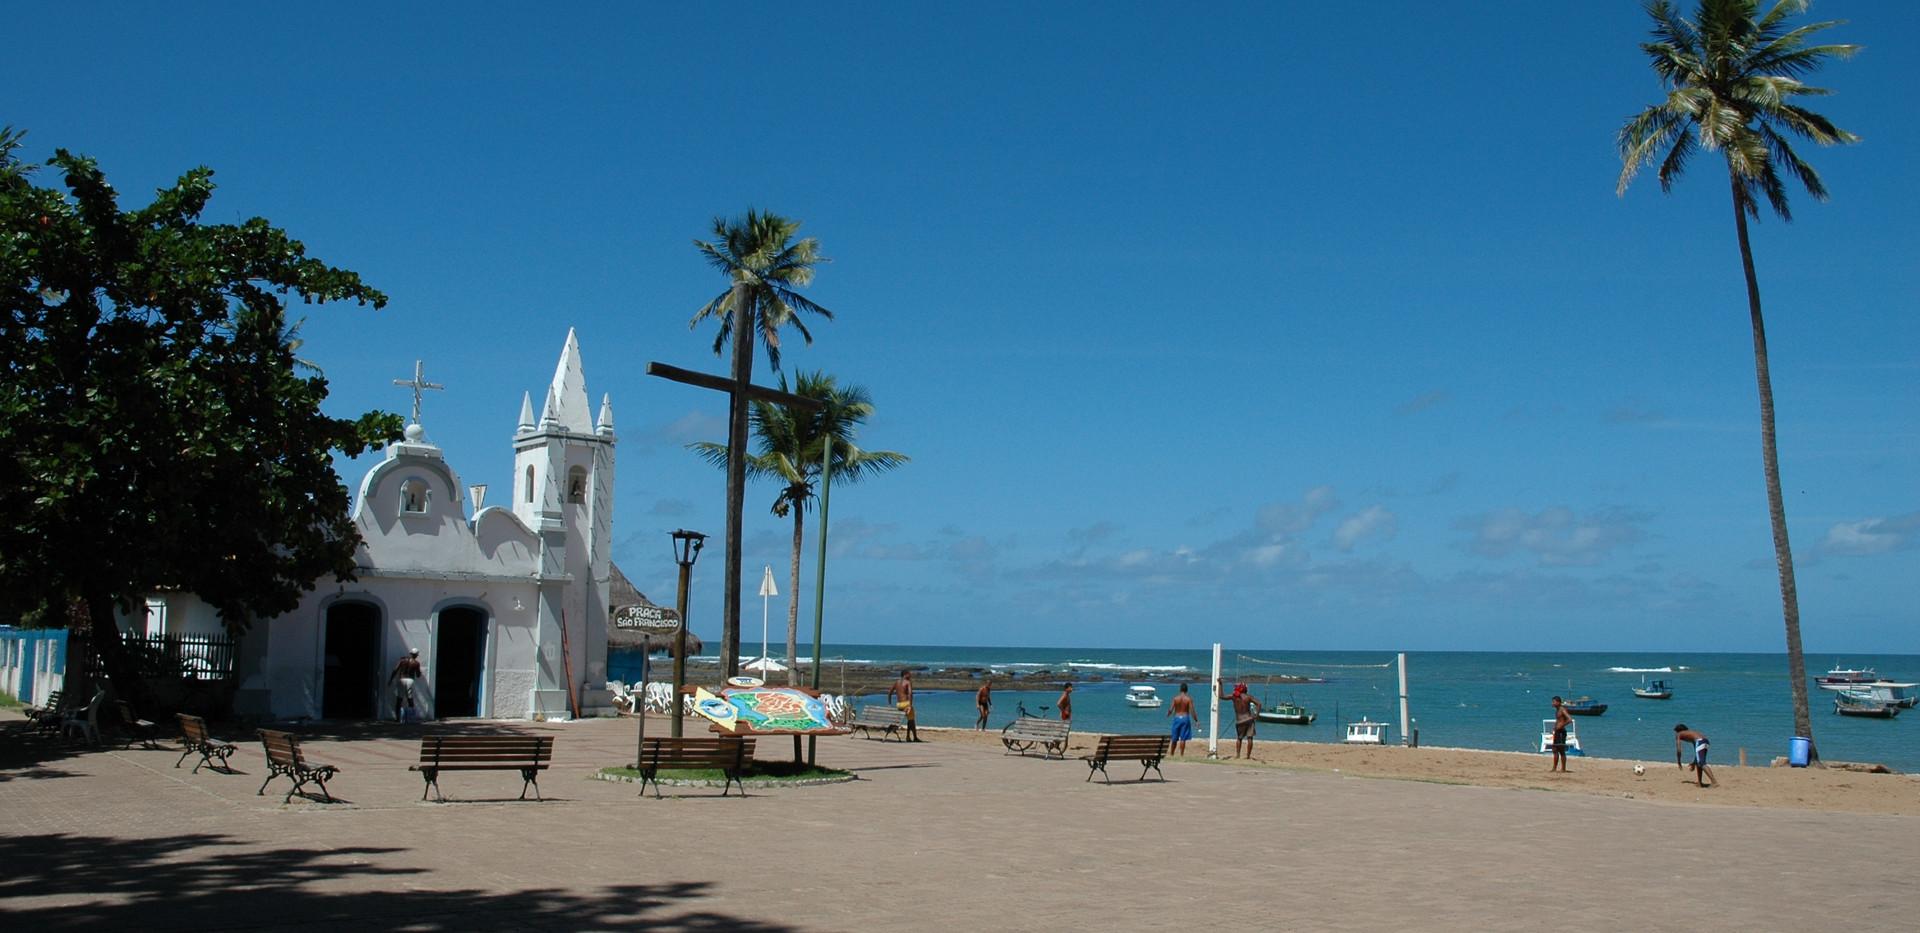 Praia do Forte 2.JPG